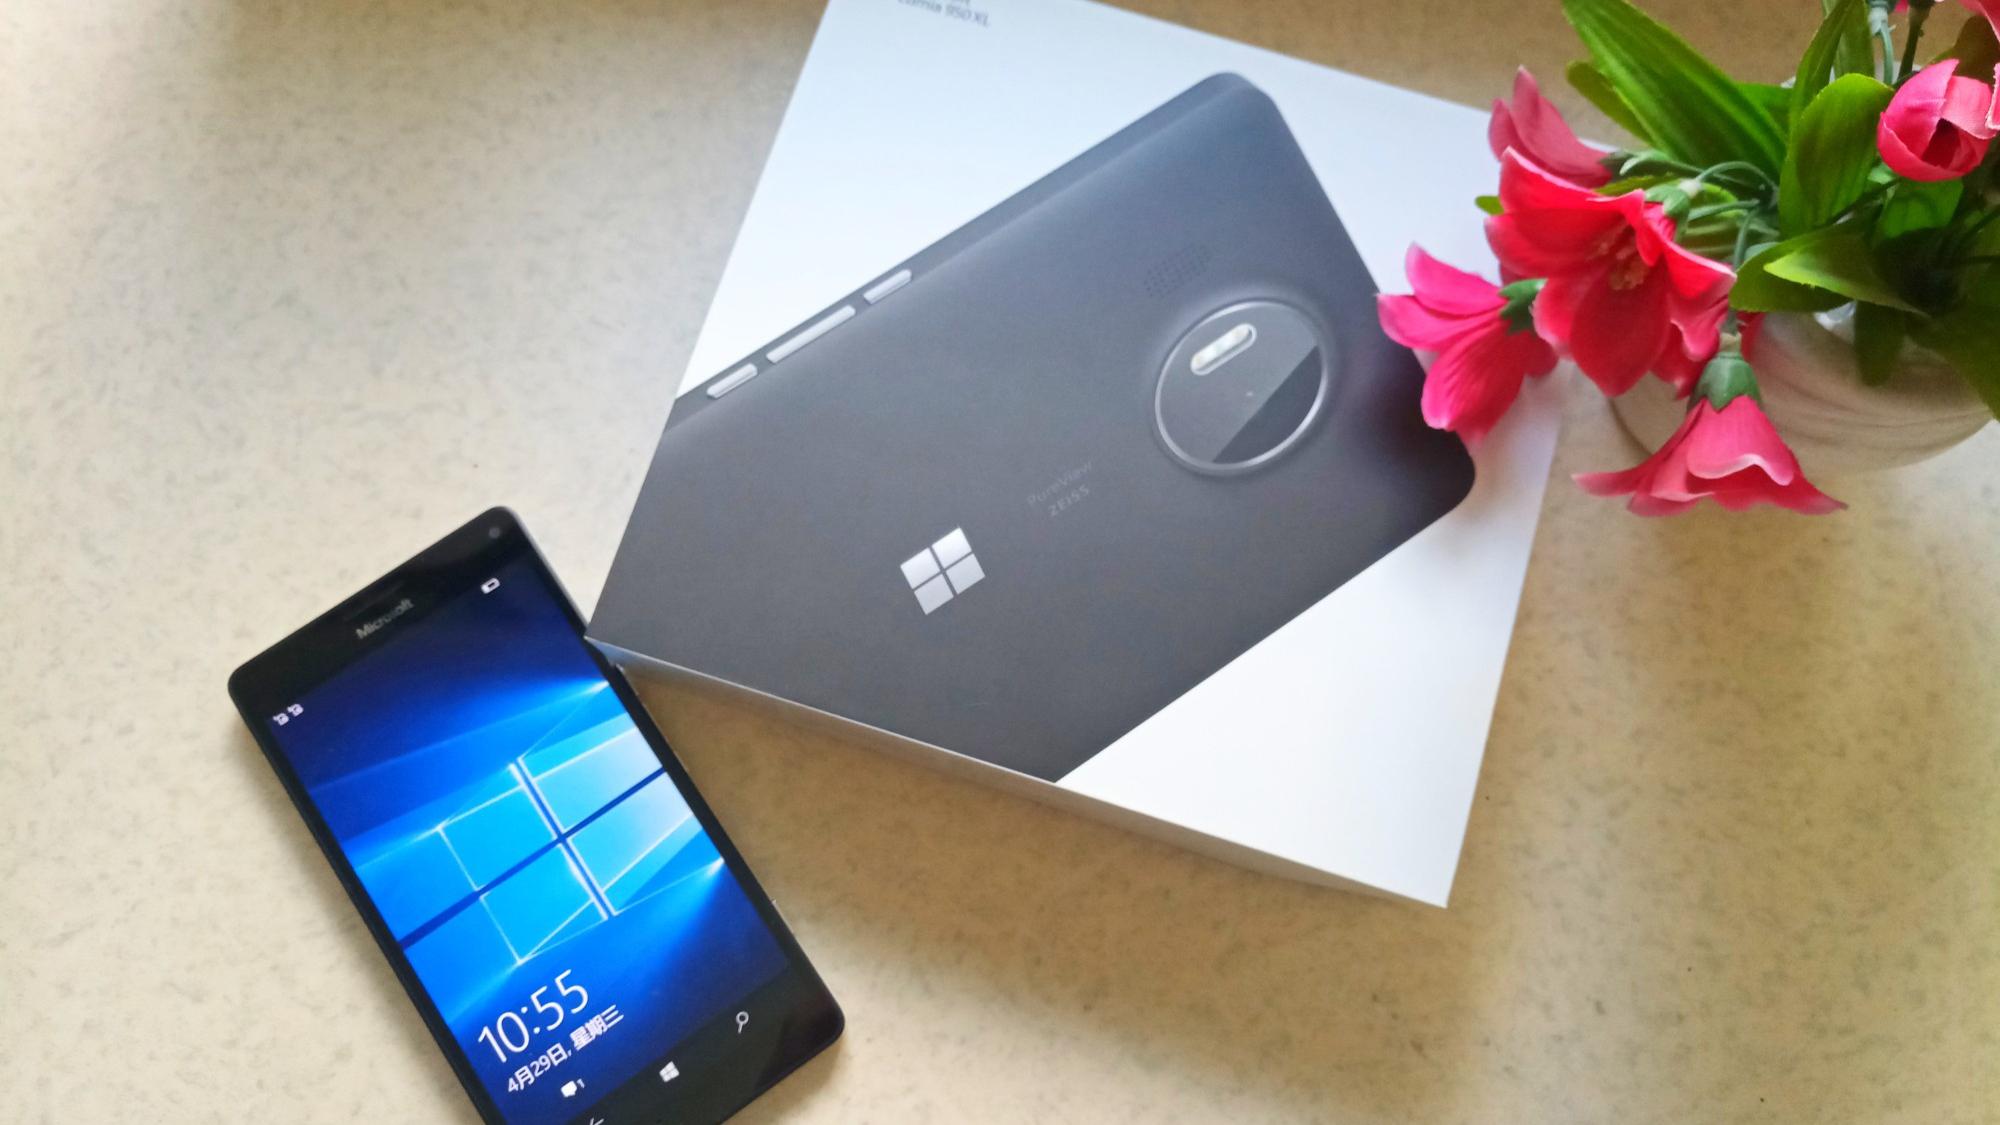 都2020年了,我竟然开箱一台微软末代机皇Lumia950XL手机